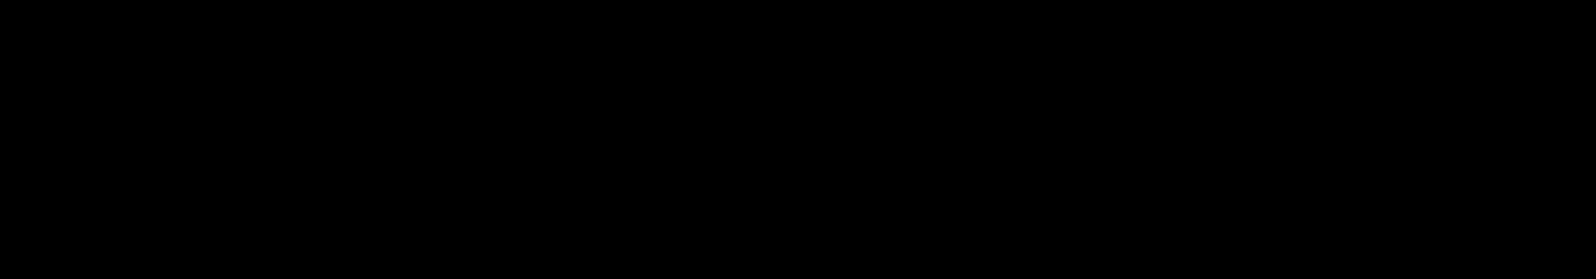 FICLO - Logo - Turismo de Portugal - Algarve.png